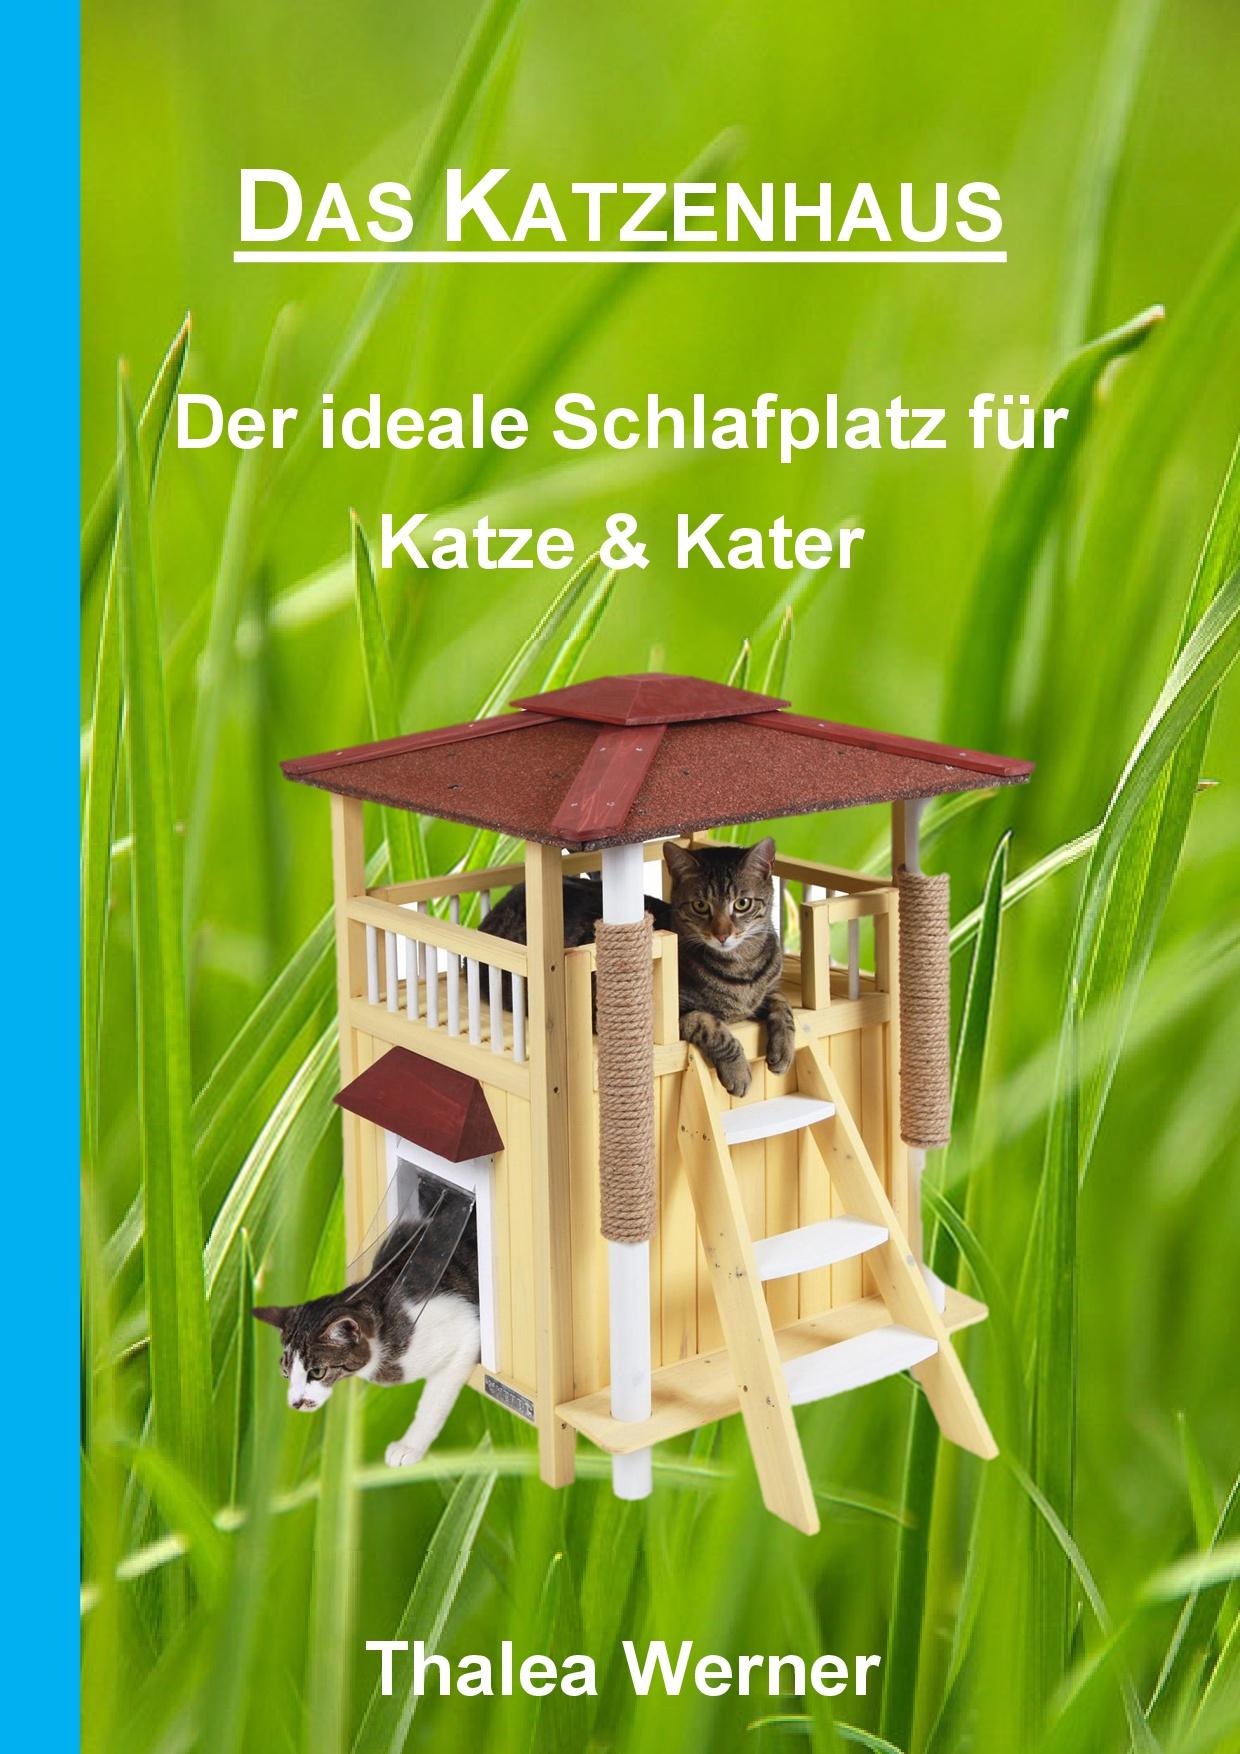 Das Katzenhaus-Der ideale Schlafplatz für Katze & Kater